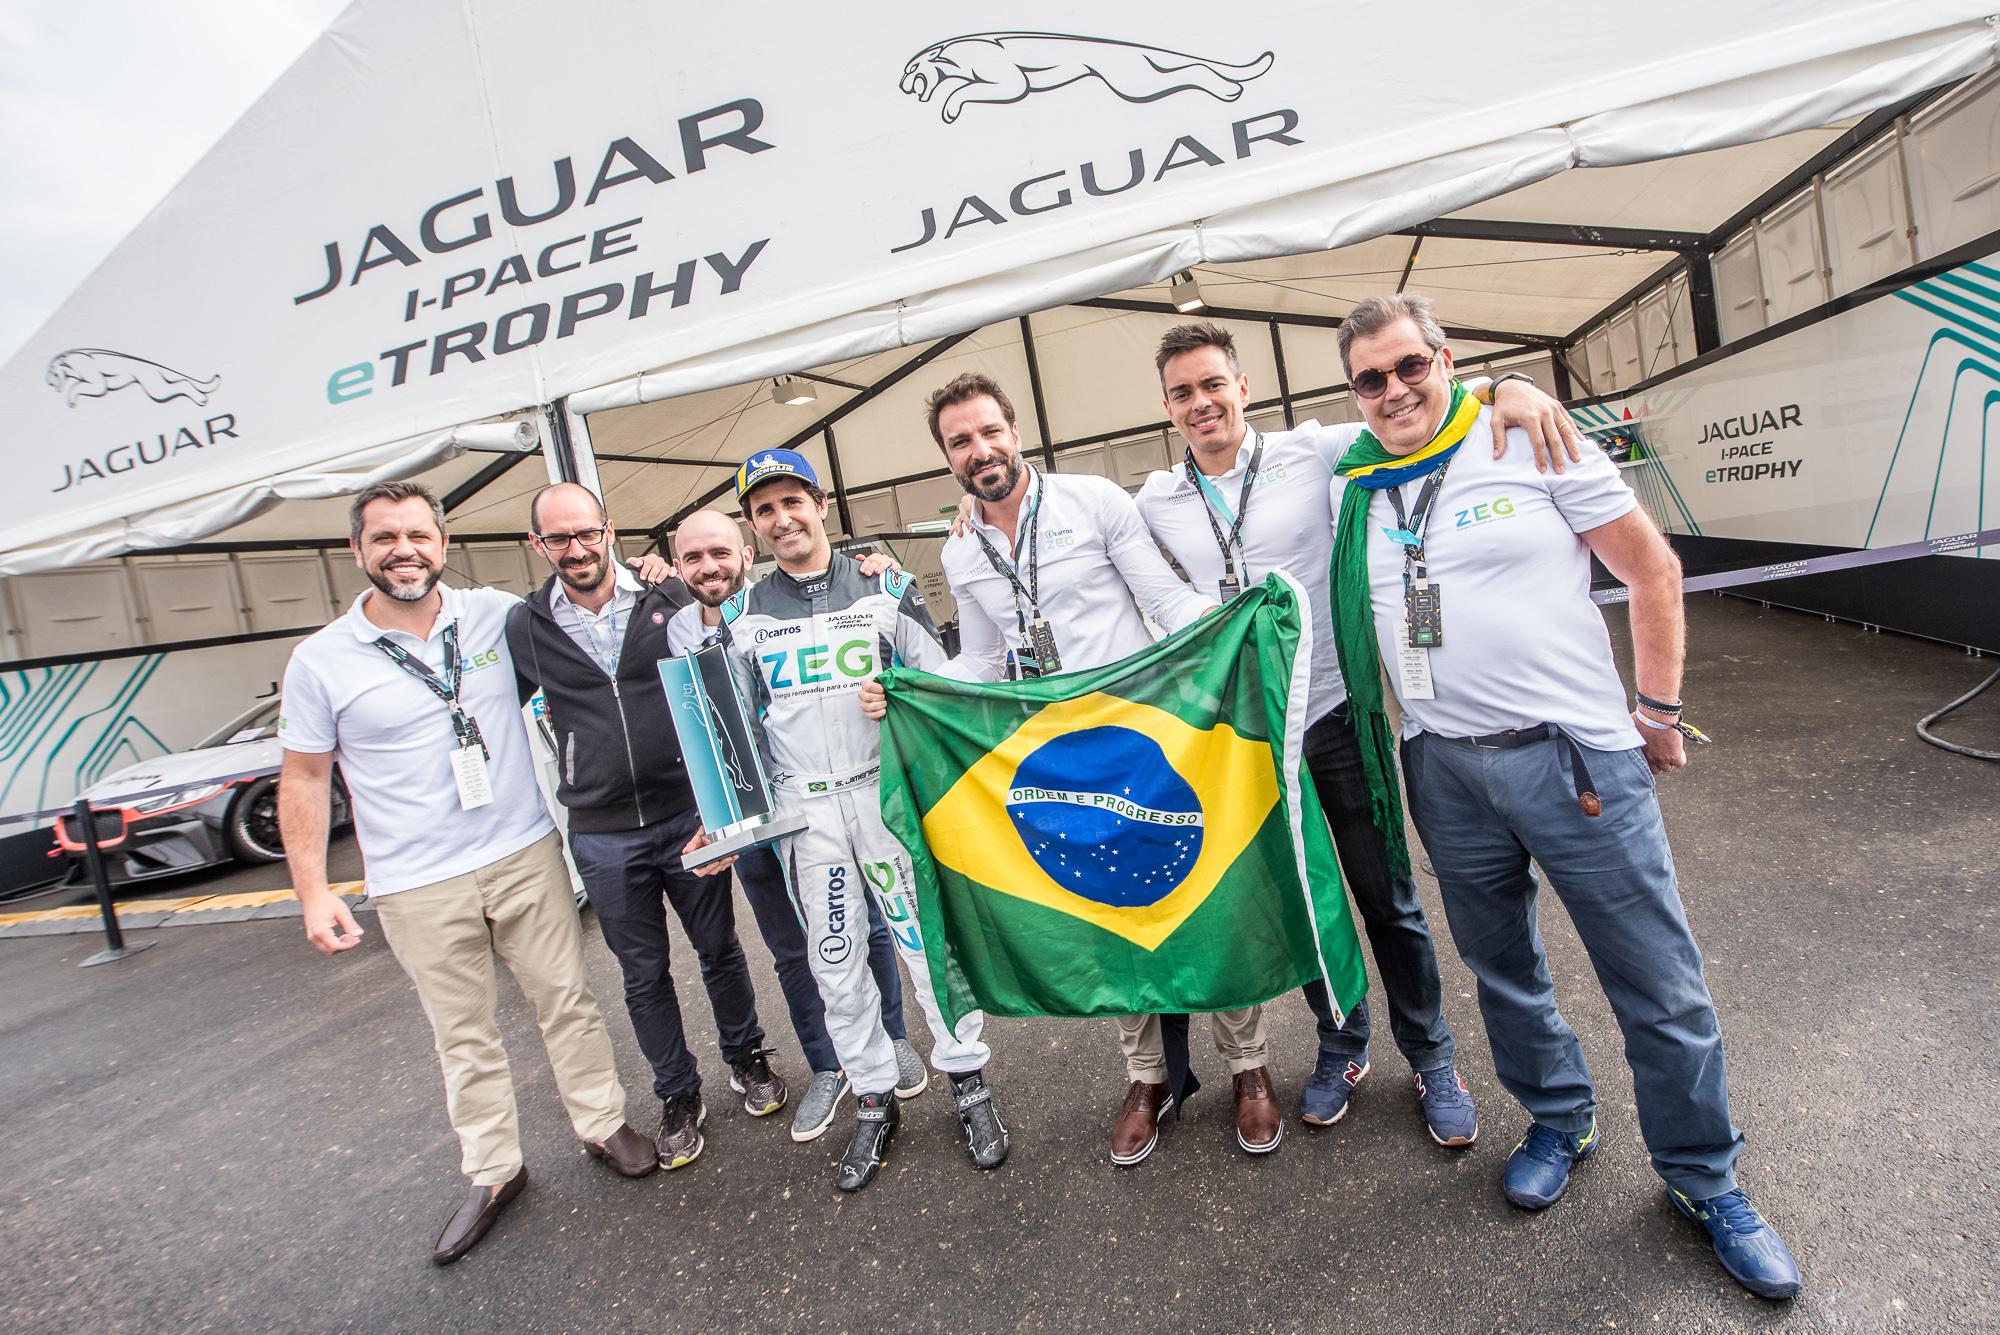 JaguarBR_1.Saudi_josemariodias_06056